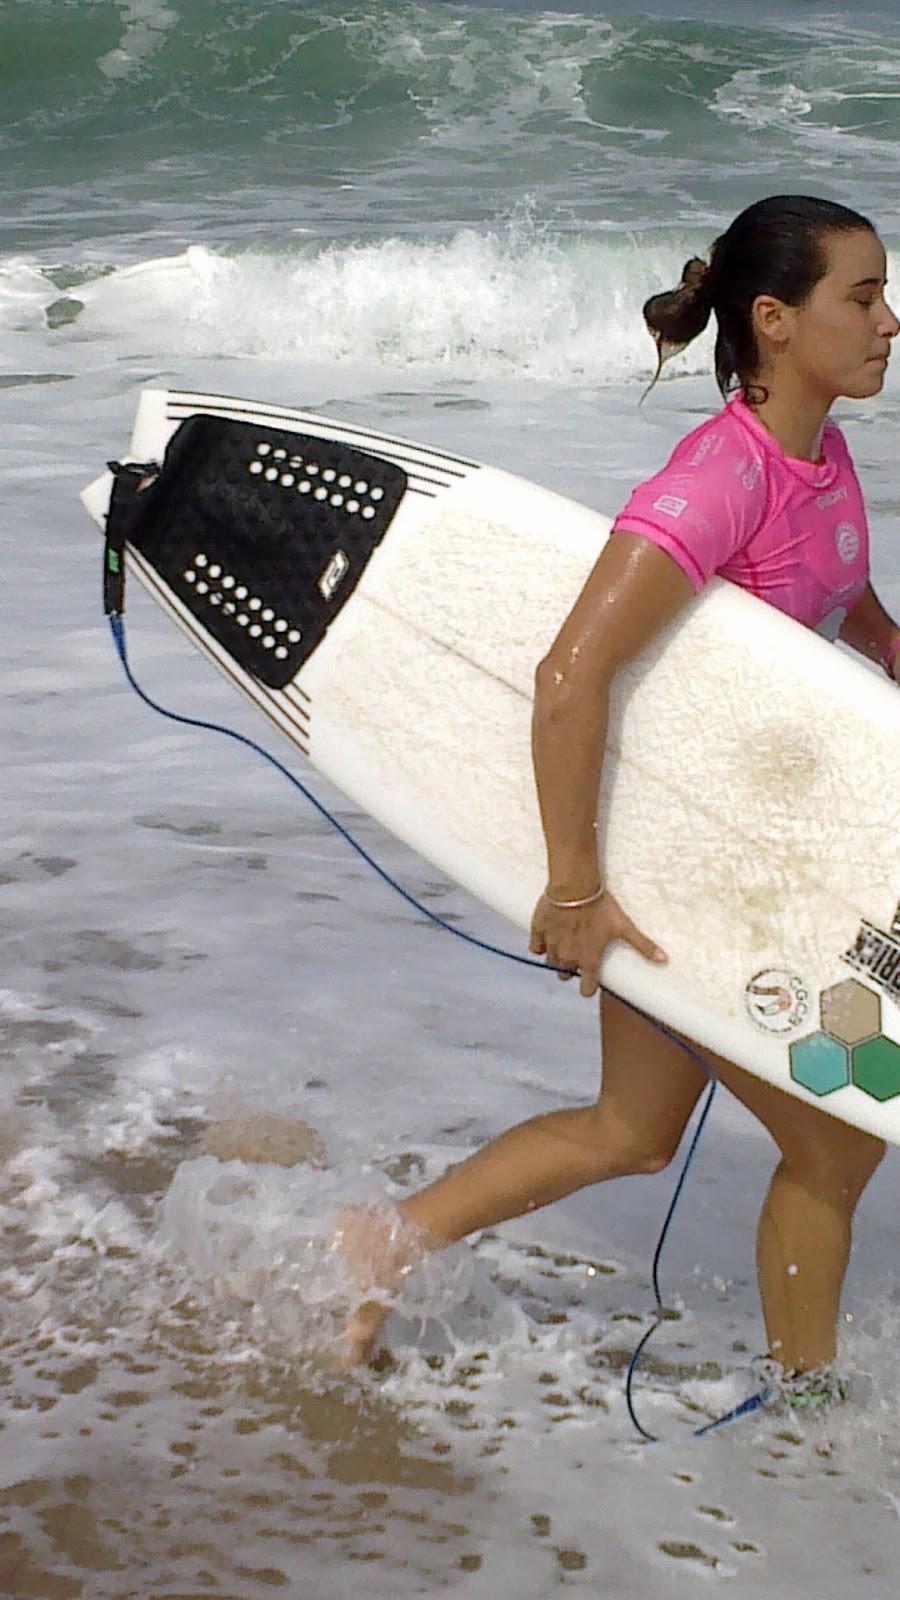 surfworldtour: BRA/04 OI RIO WOMENS PRO - RIO DE JANEIRO